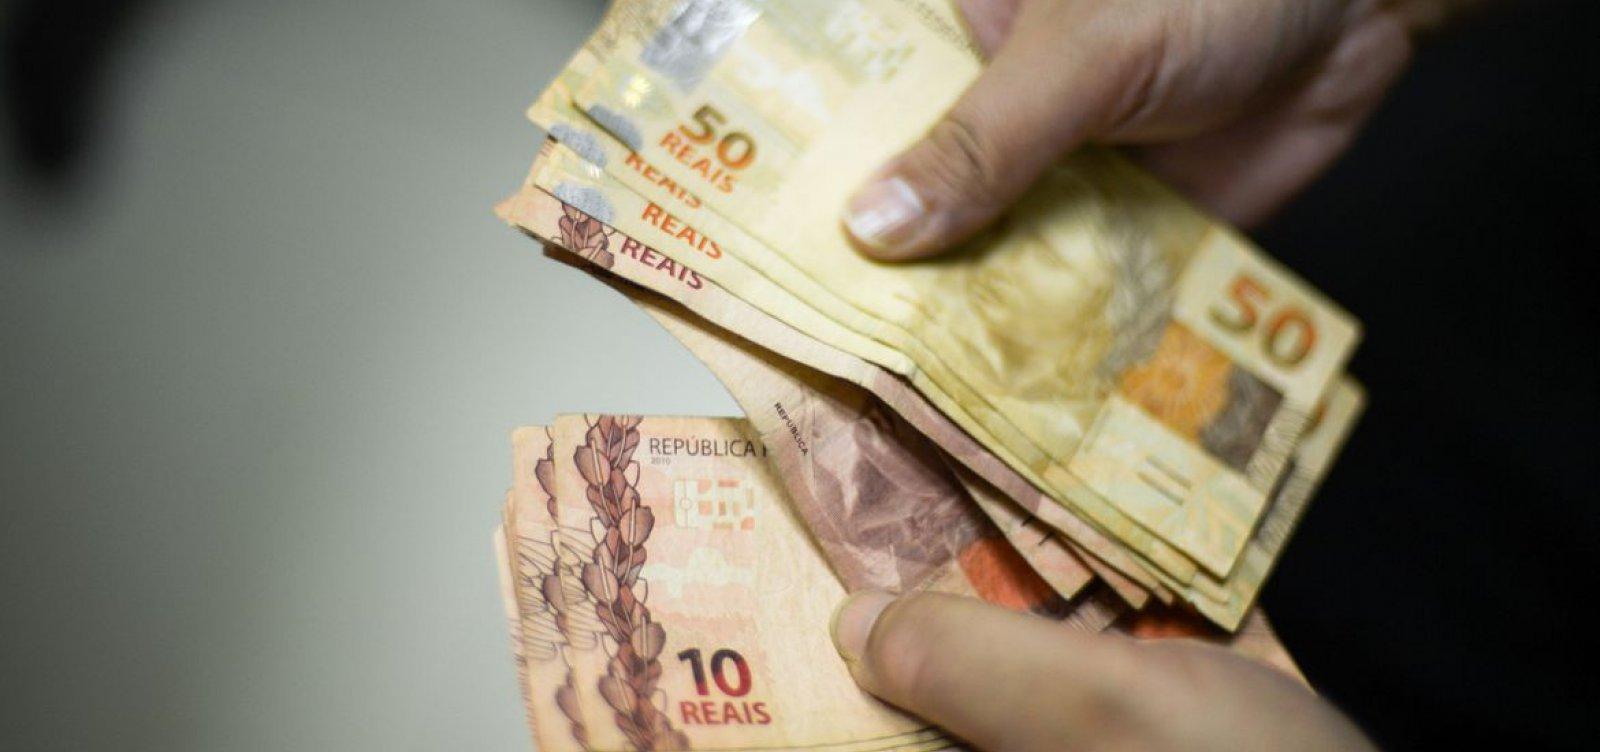 [Governo anuncia R$ 40 bi em linha de crédito para financiar salários em pequenas e médias empresas]